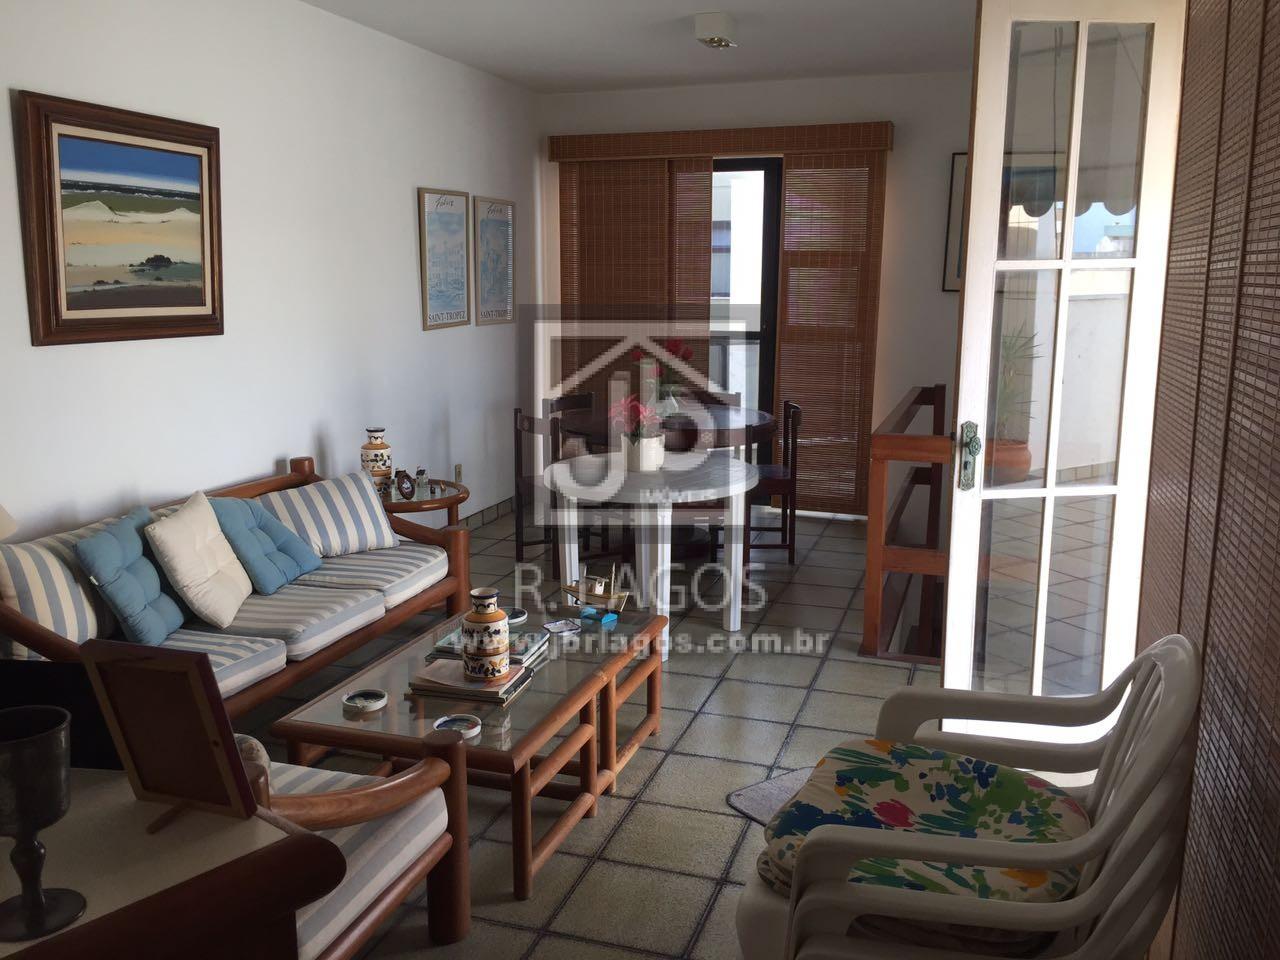 Ótima cobertura, 190 m², a poucas quadras da Praia do Forte (a pé) e amplo comercio